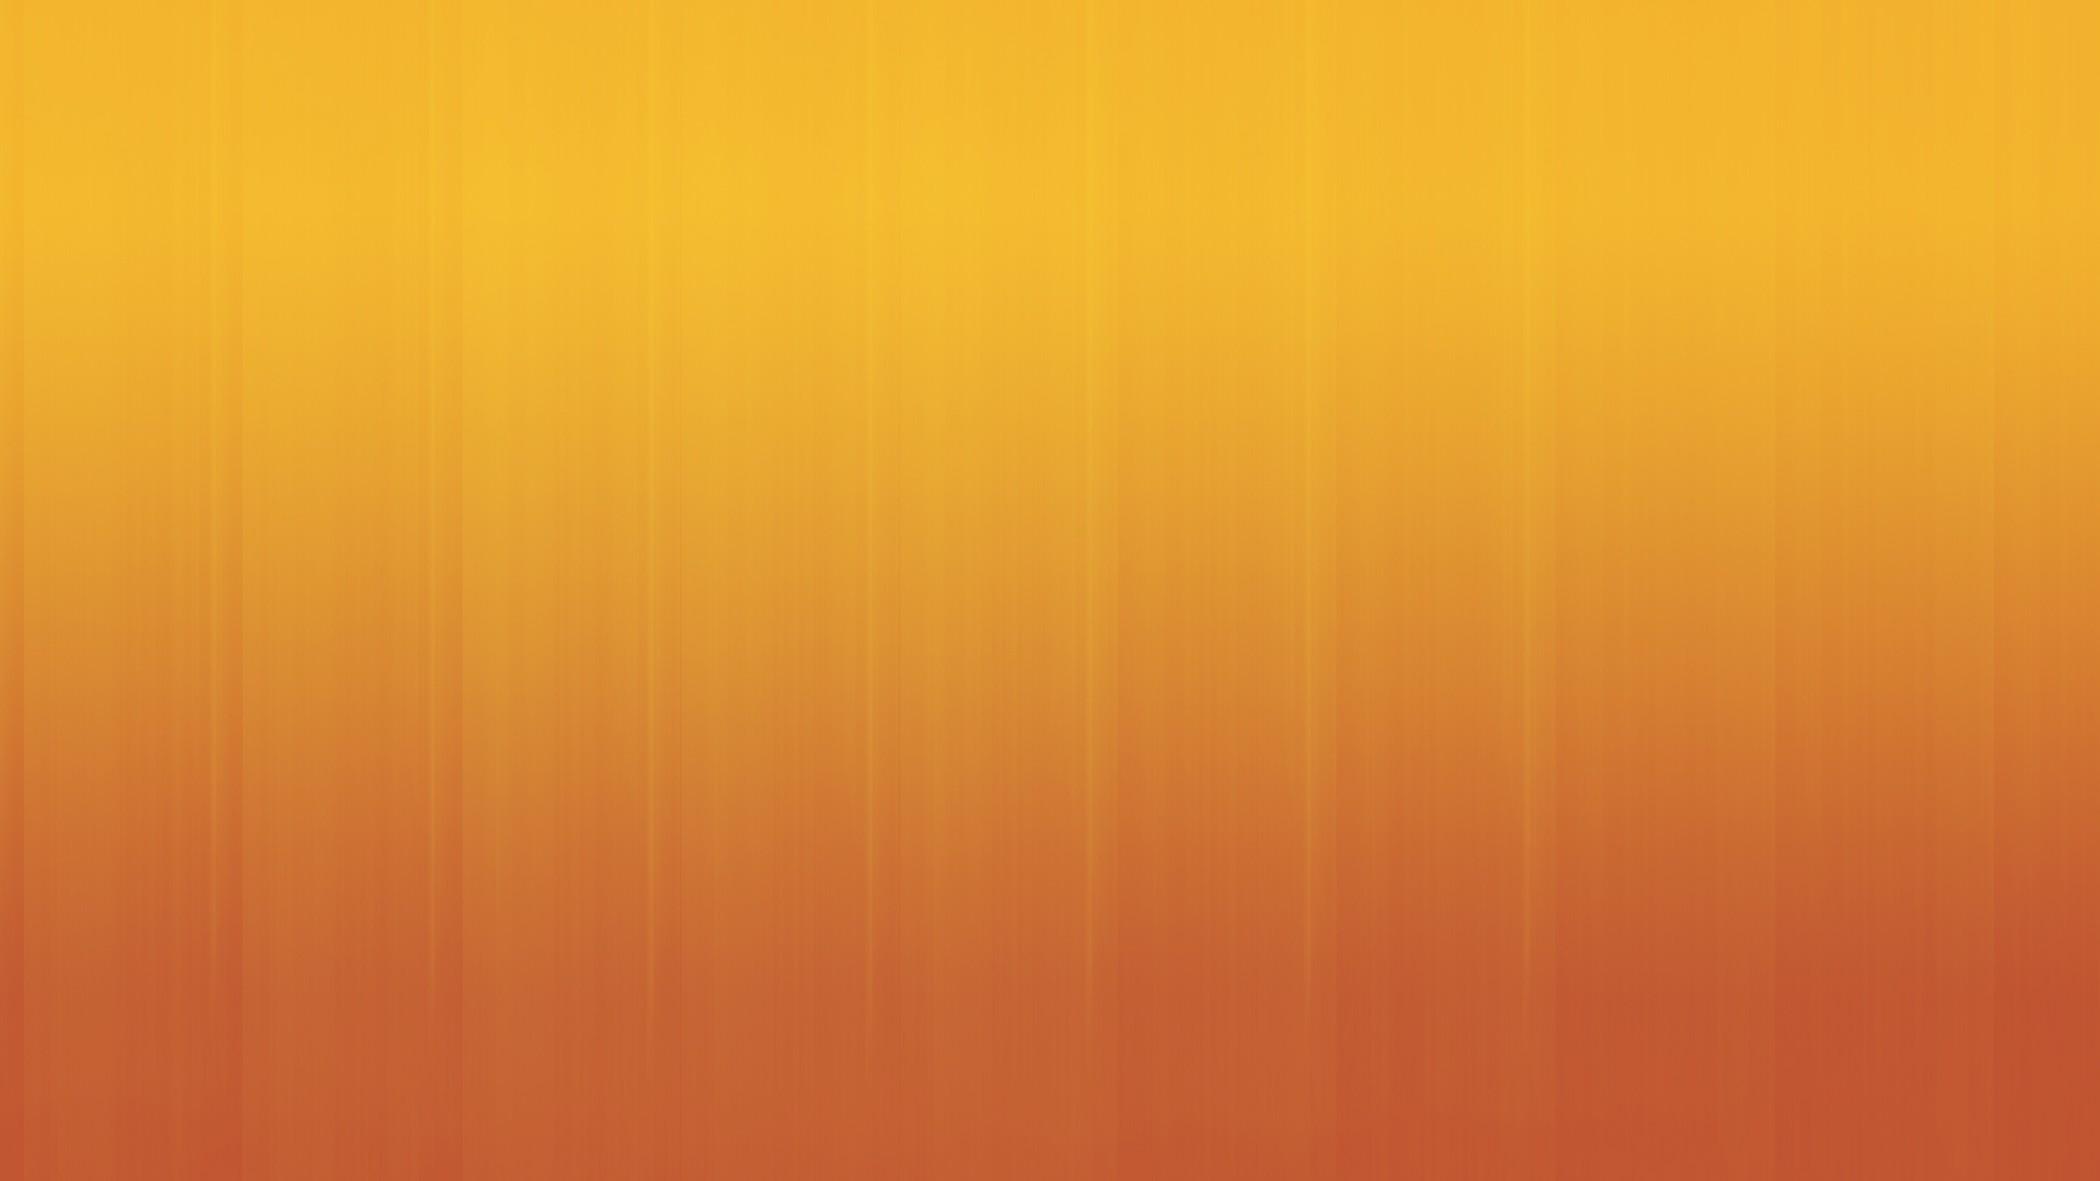 good background  u00b7 u2460 download free backgrounds for desktop